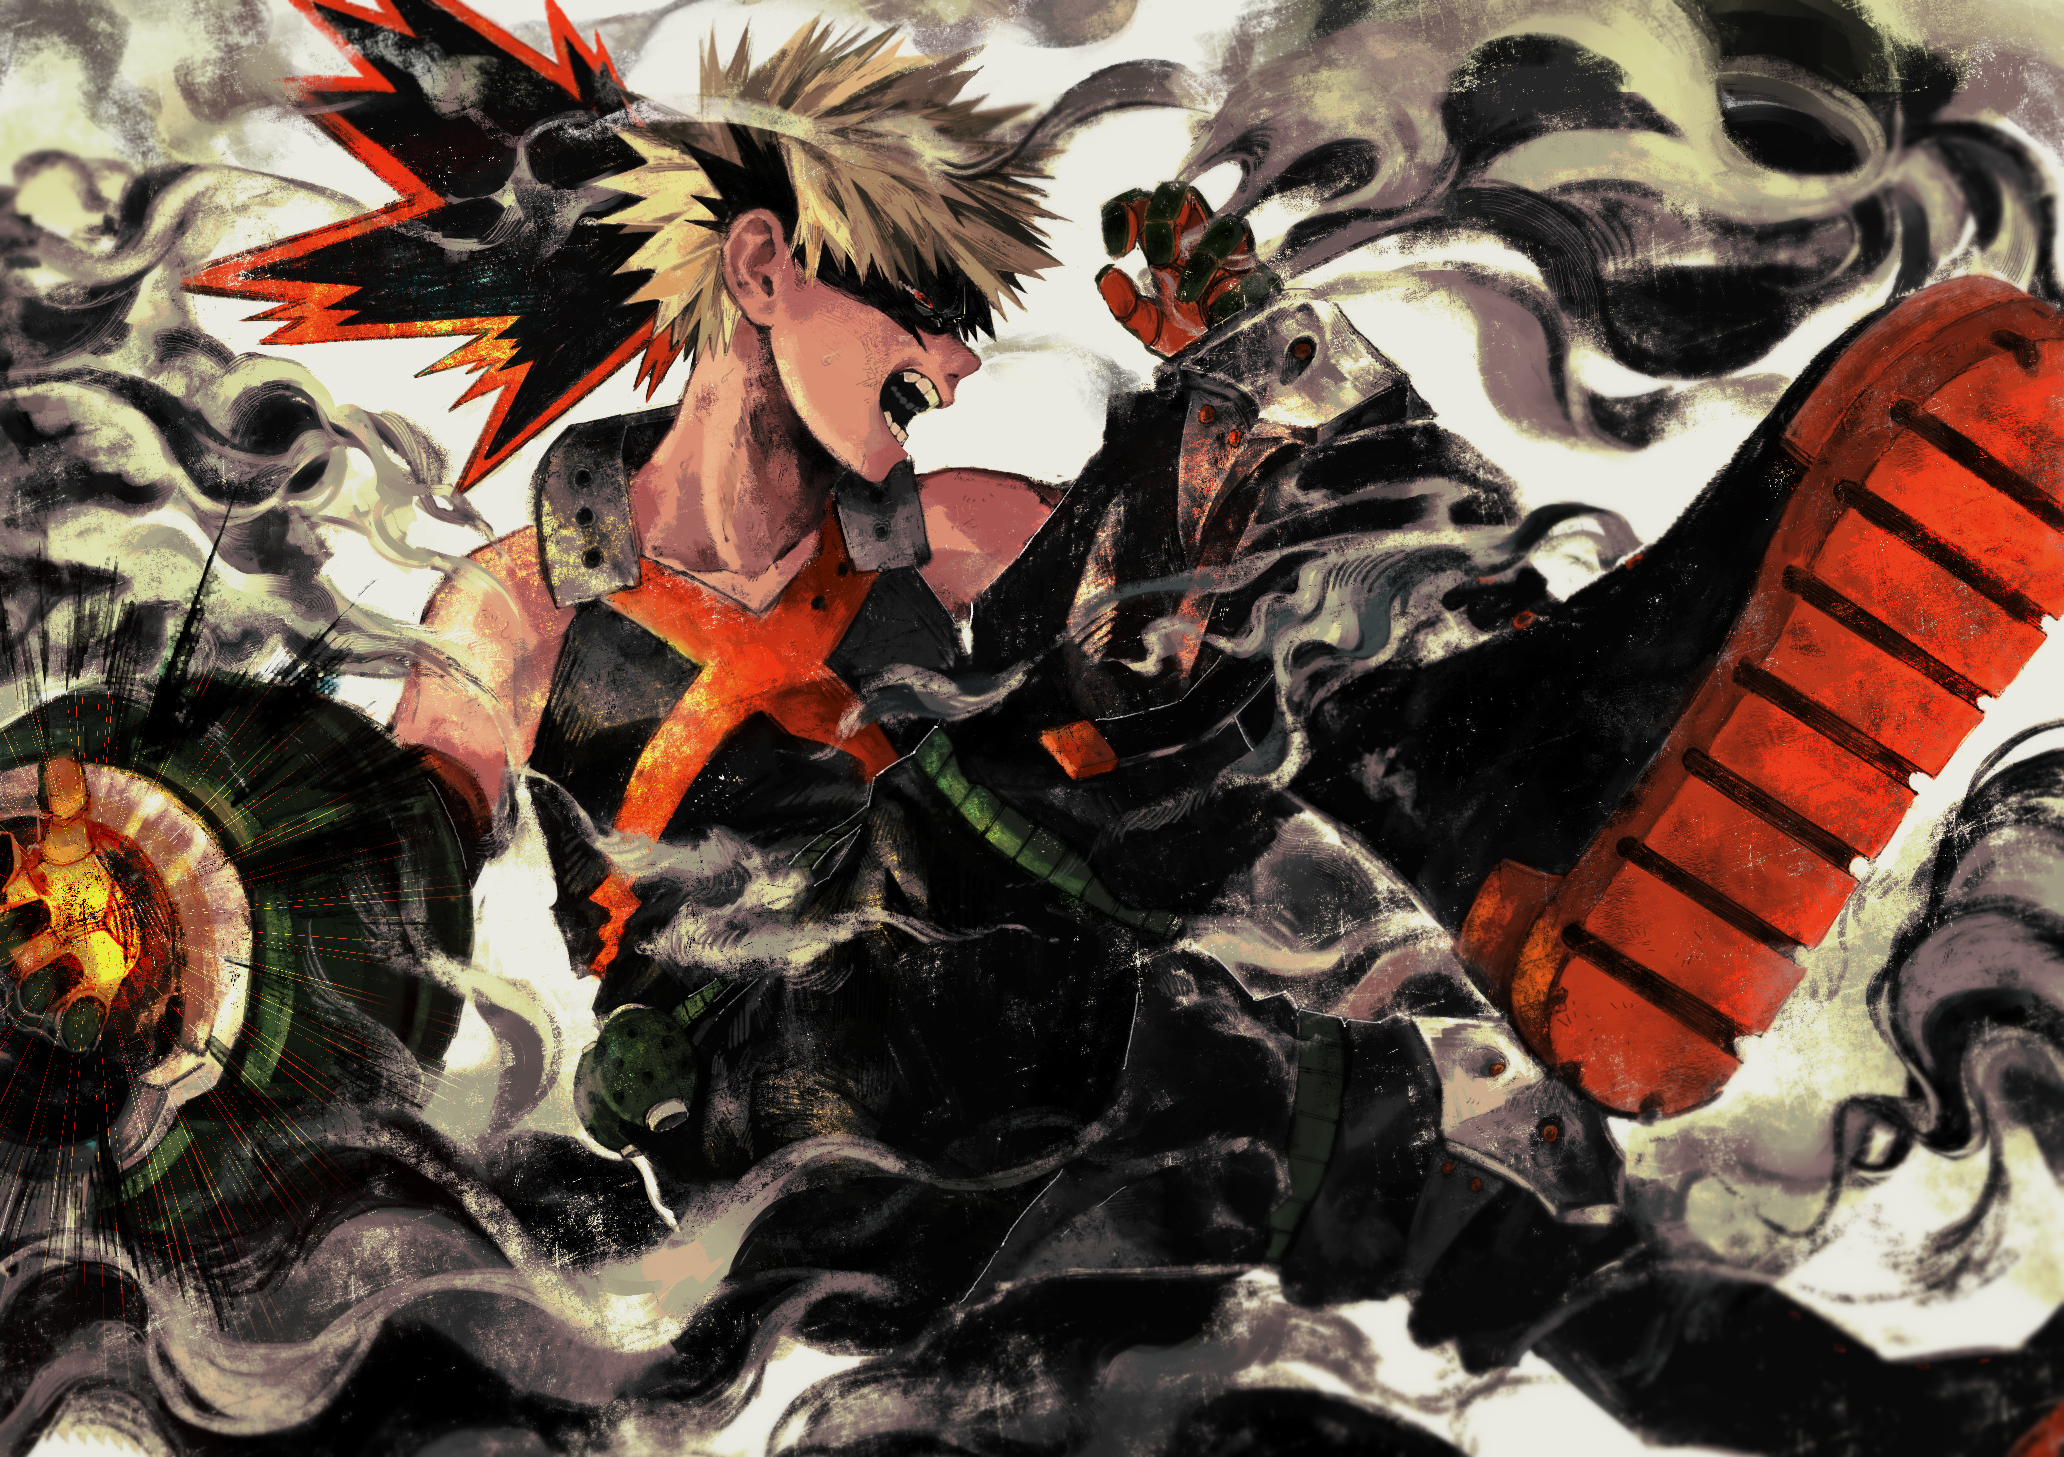 Boku No Hero Academia Katsuki Bakugou Boku No Hero Academia My Hero Academia My Hero